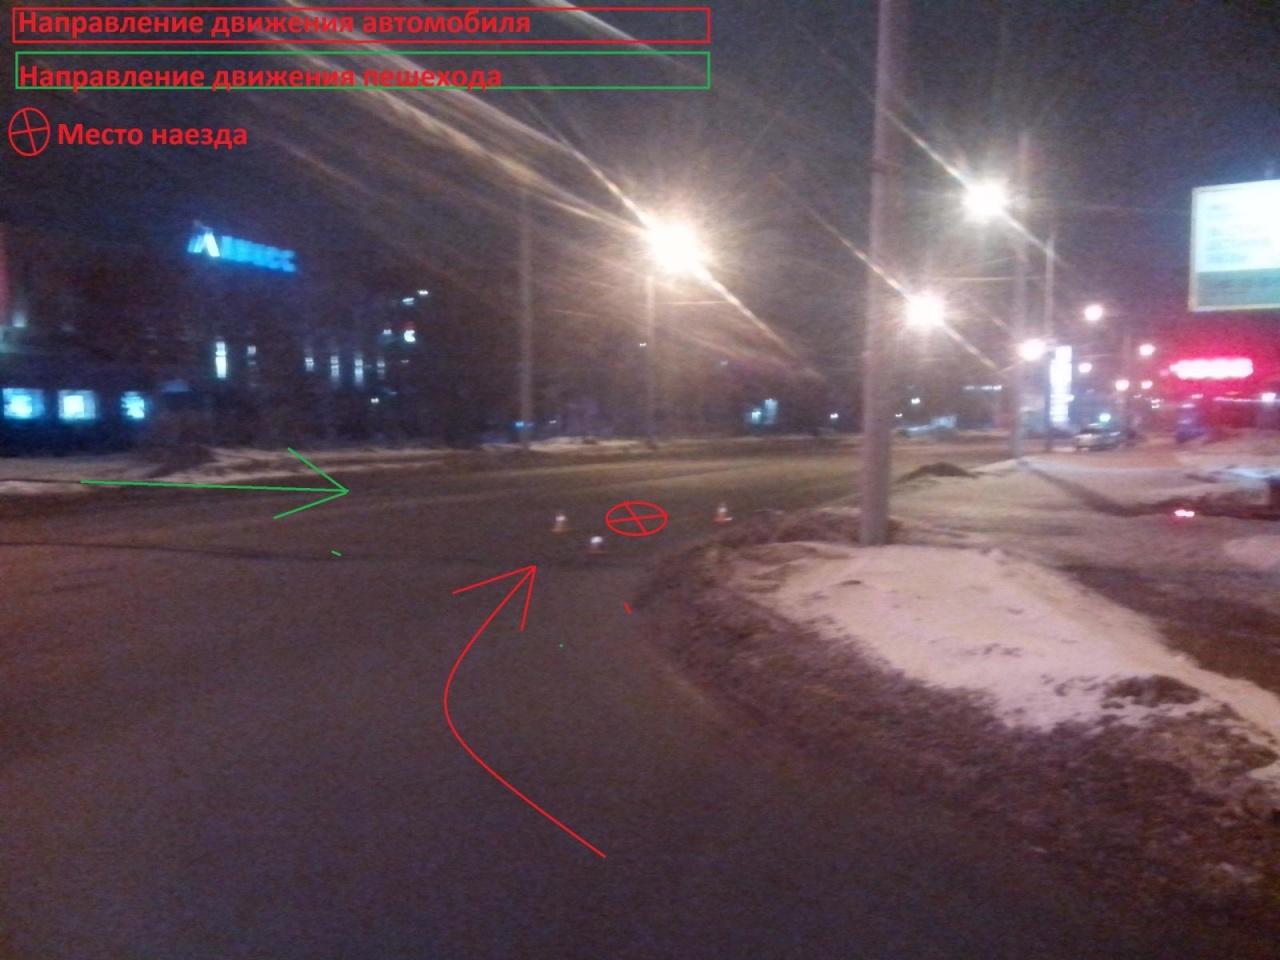 рав 4 в оренбурге на загородном шоссе